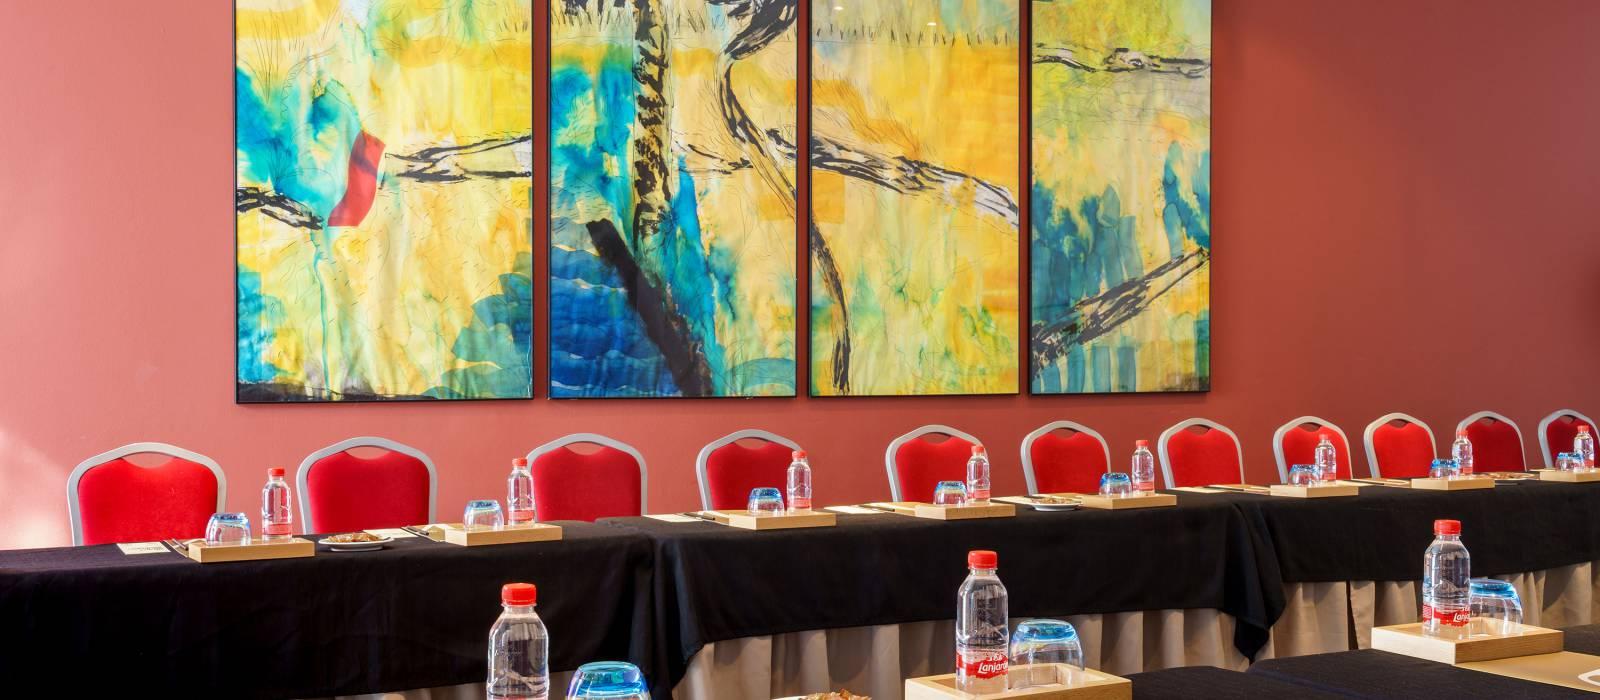 Annehmlichkeiten Hotel Malaga - Hotels Vincci - Veranstaltungsräume